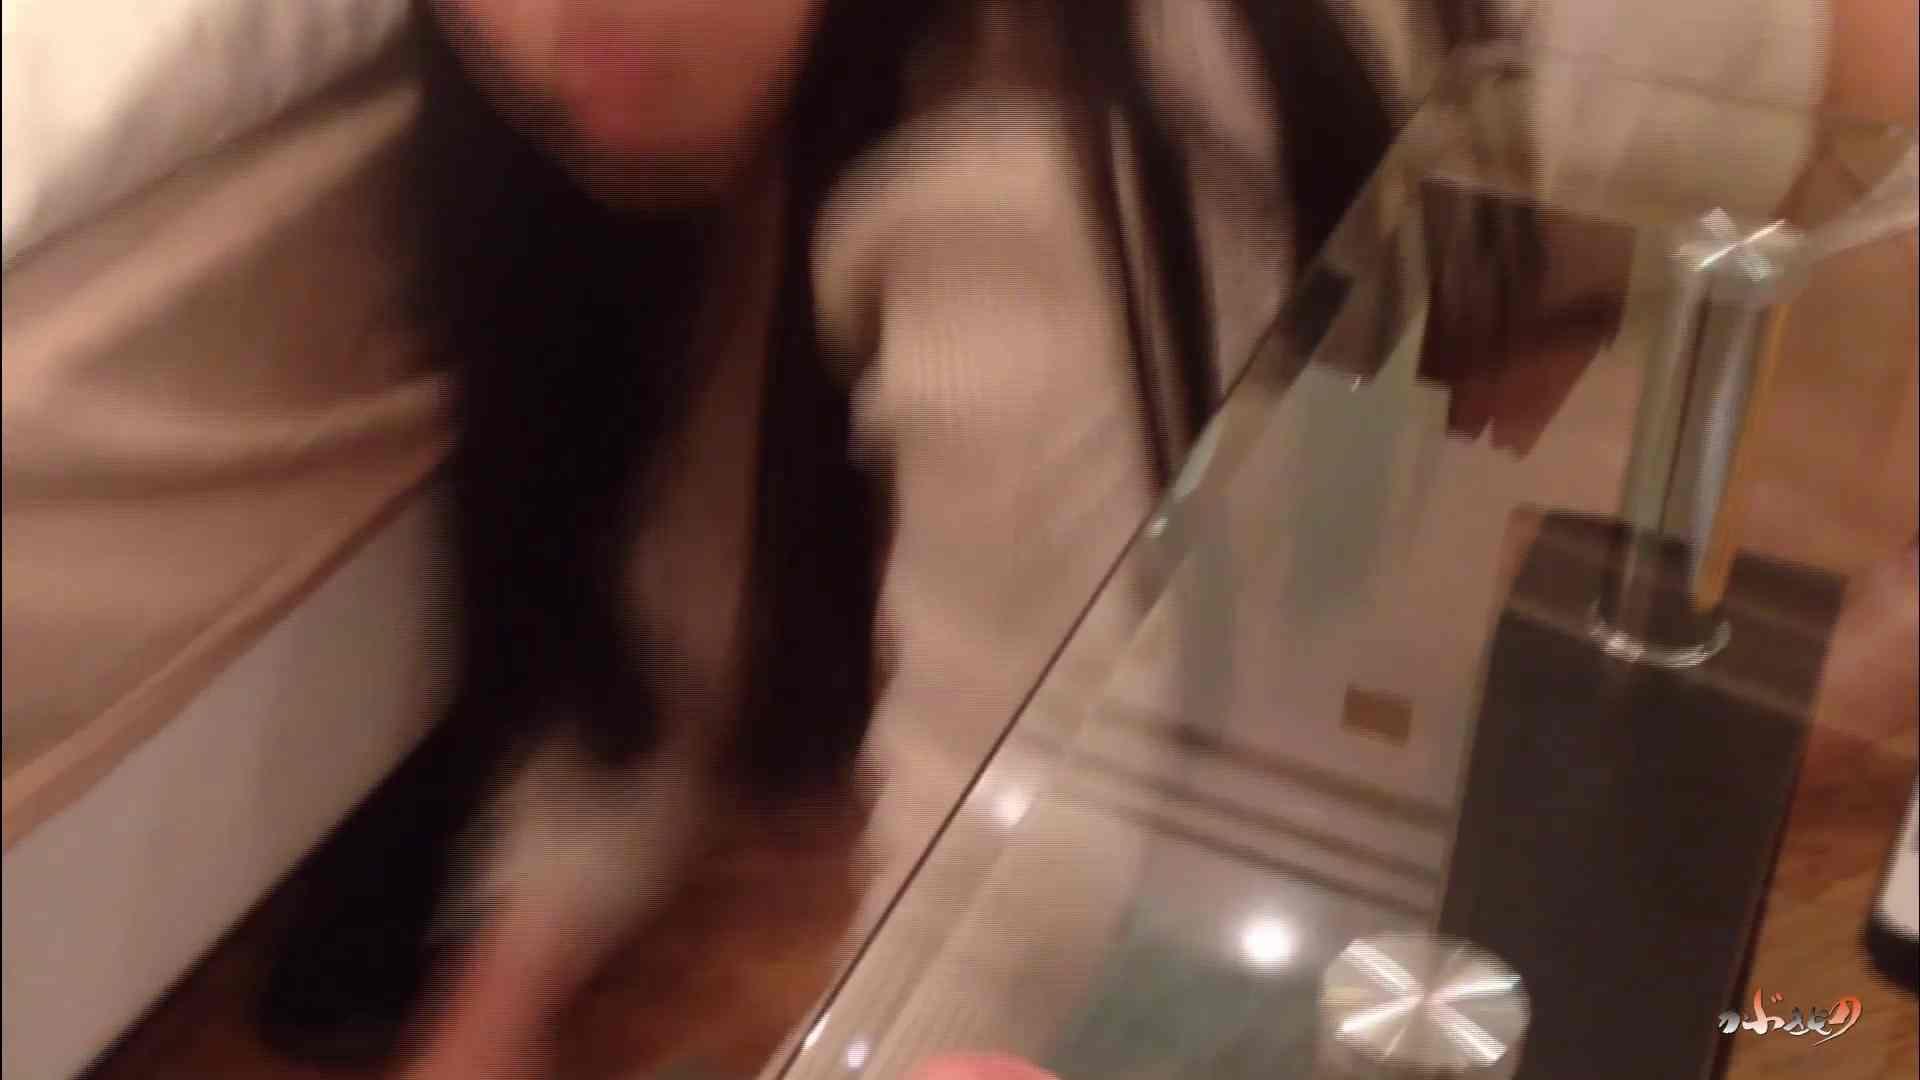 色情狂 「無料」サンプル01 素人 盗み撮りAV無料動画キャプチャ 102pic 74